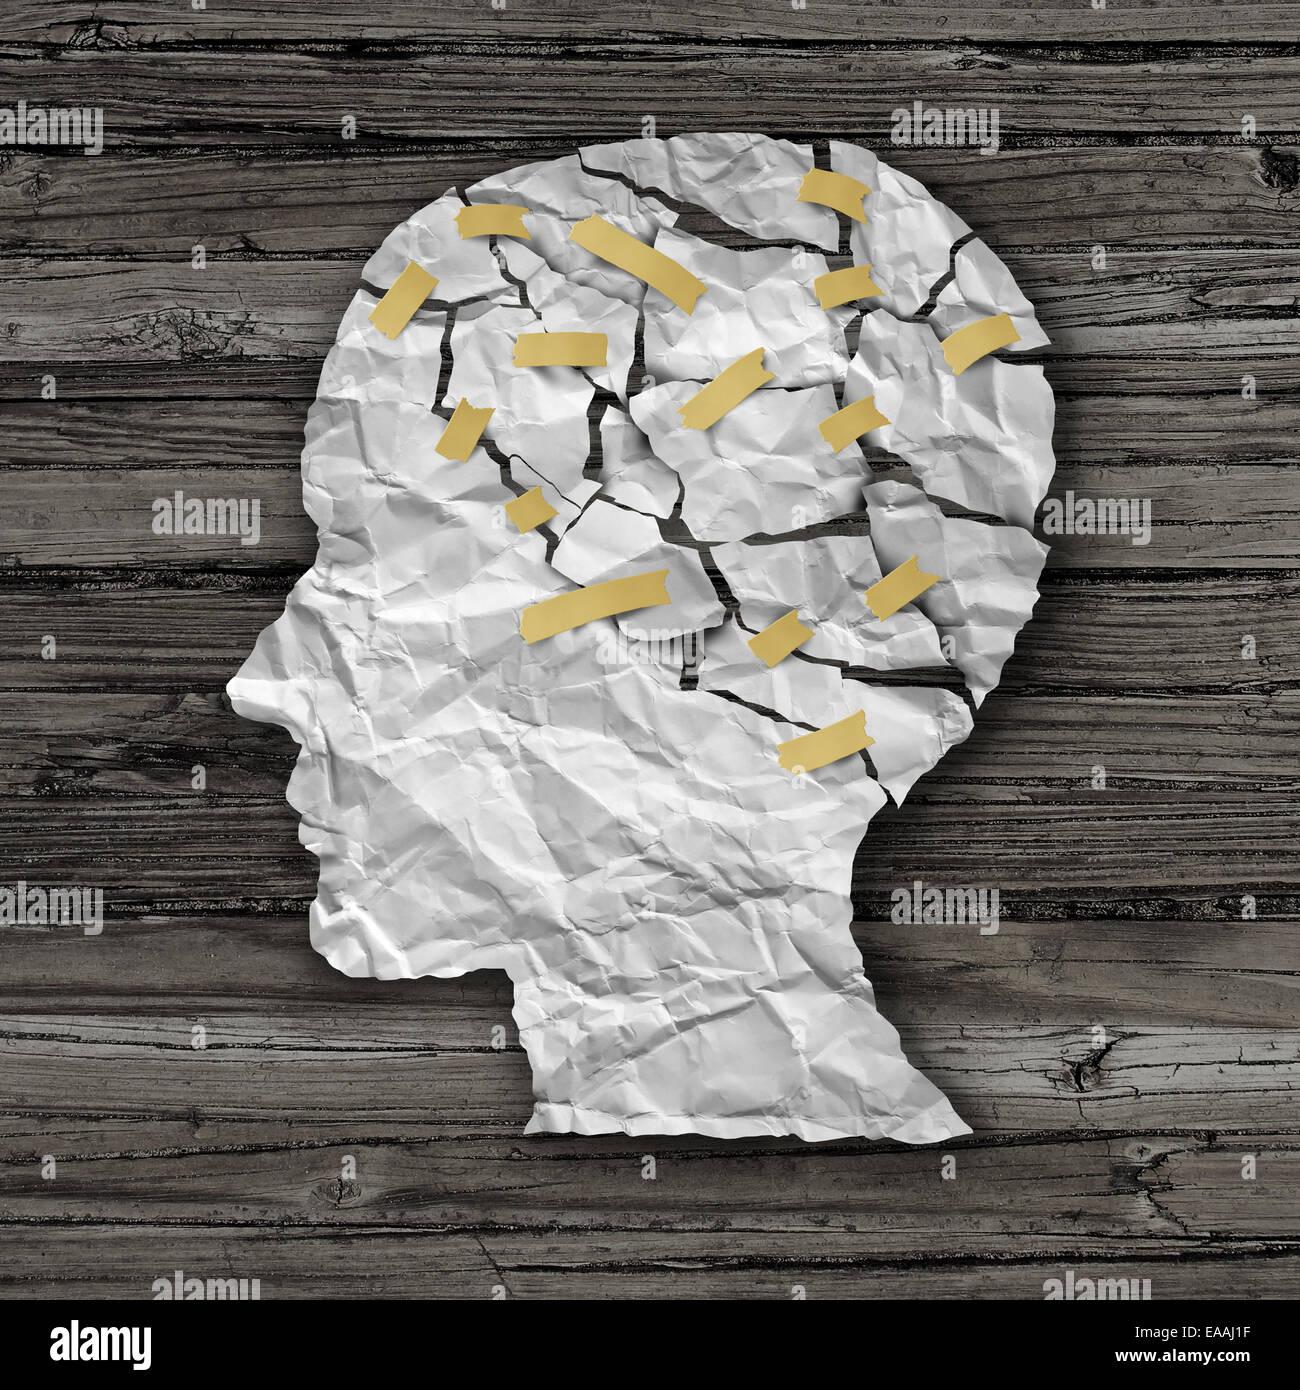 Gehirn-Krankheit-Therapie und psychische Gesundheit Behandlungskonzept als eine zerrissene zerknitterten weißes Stockbild